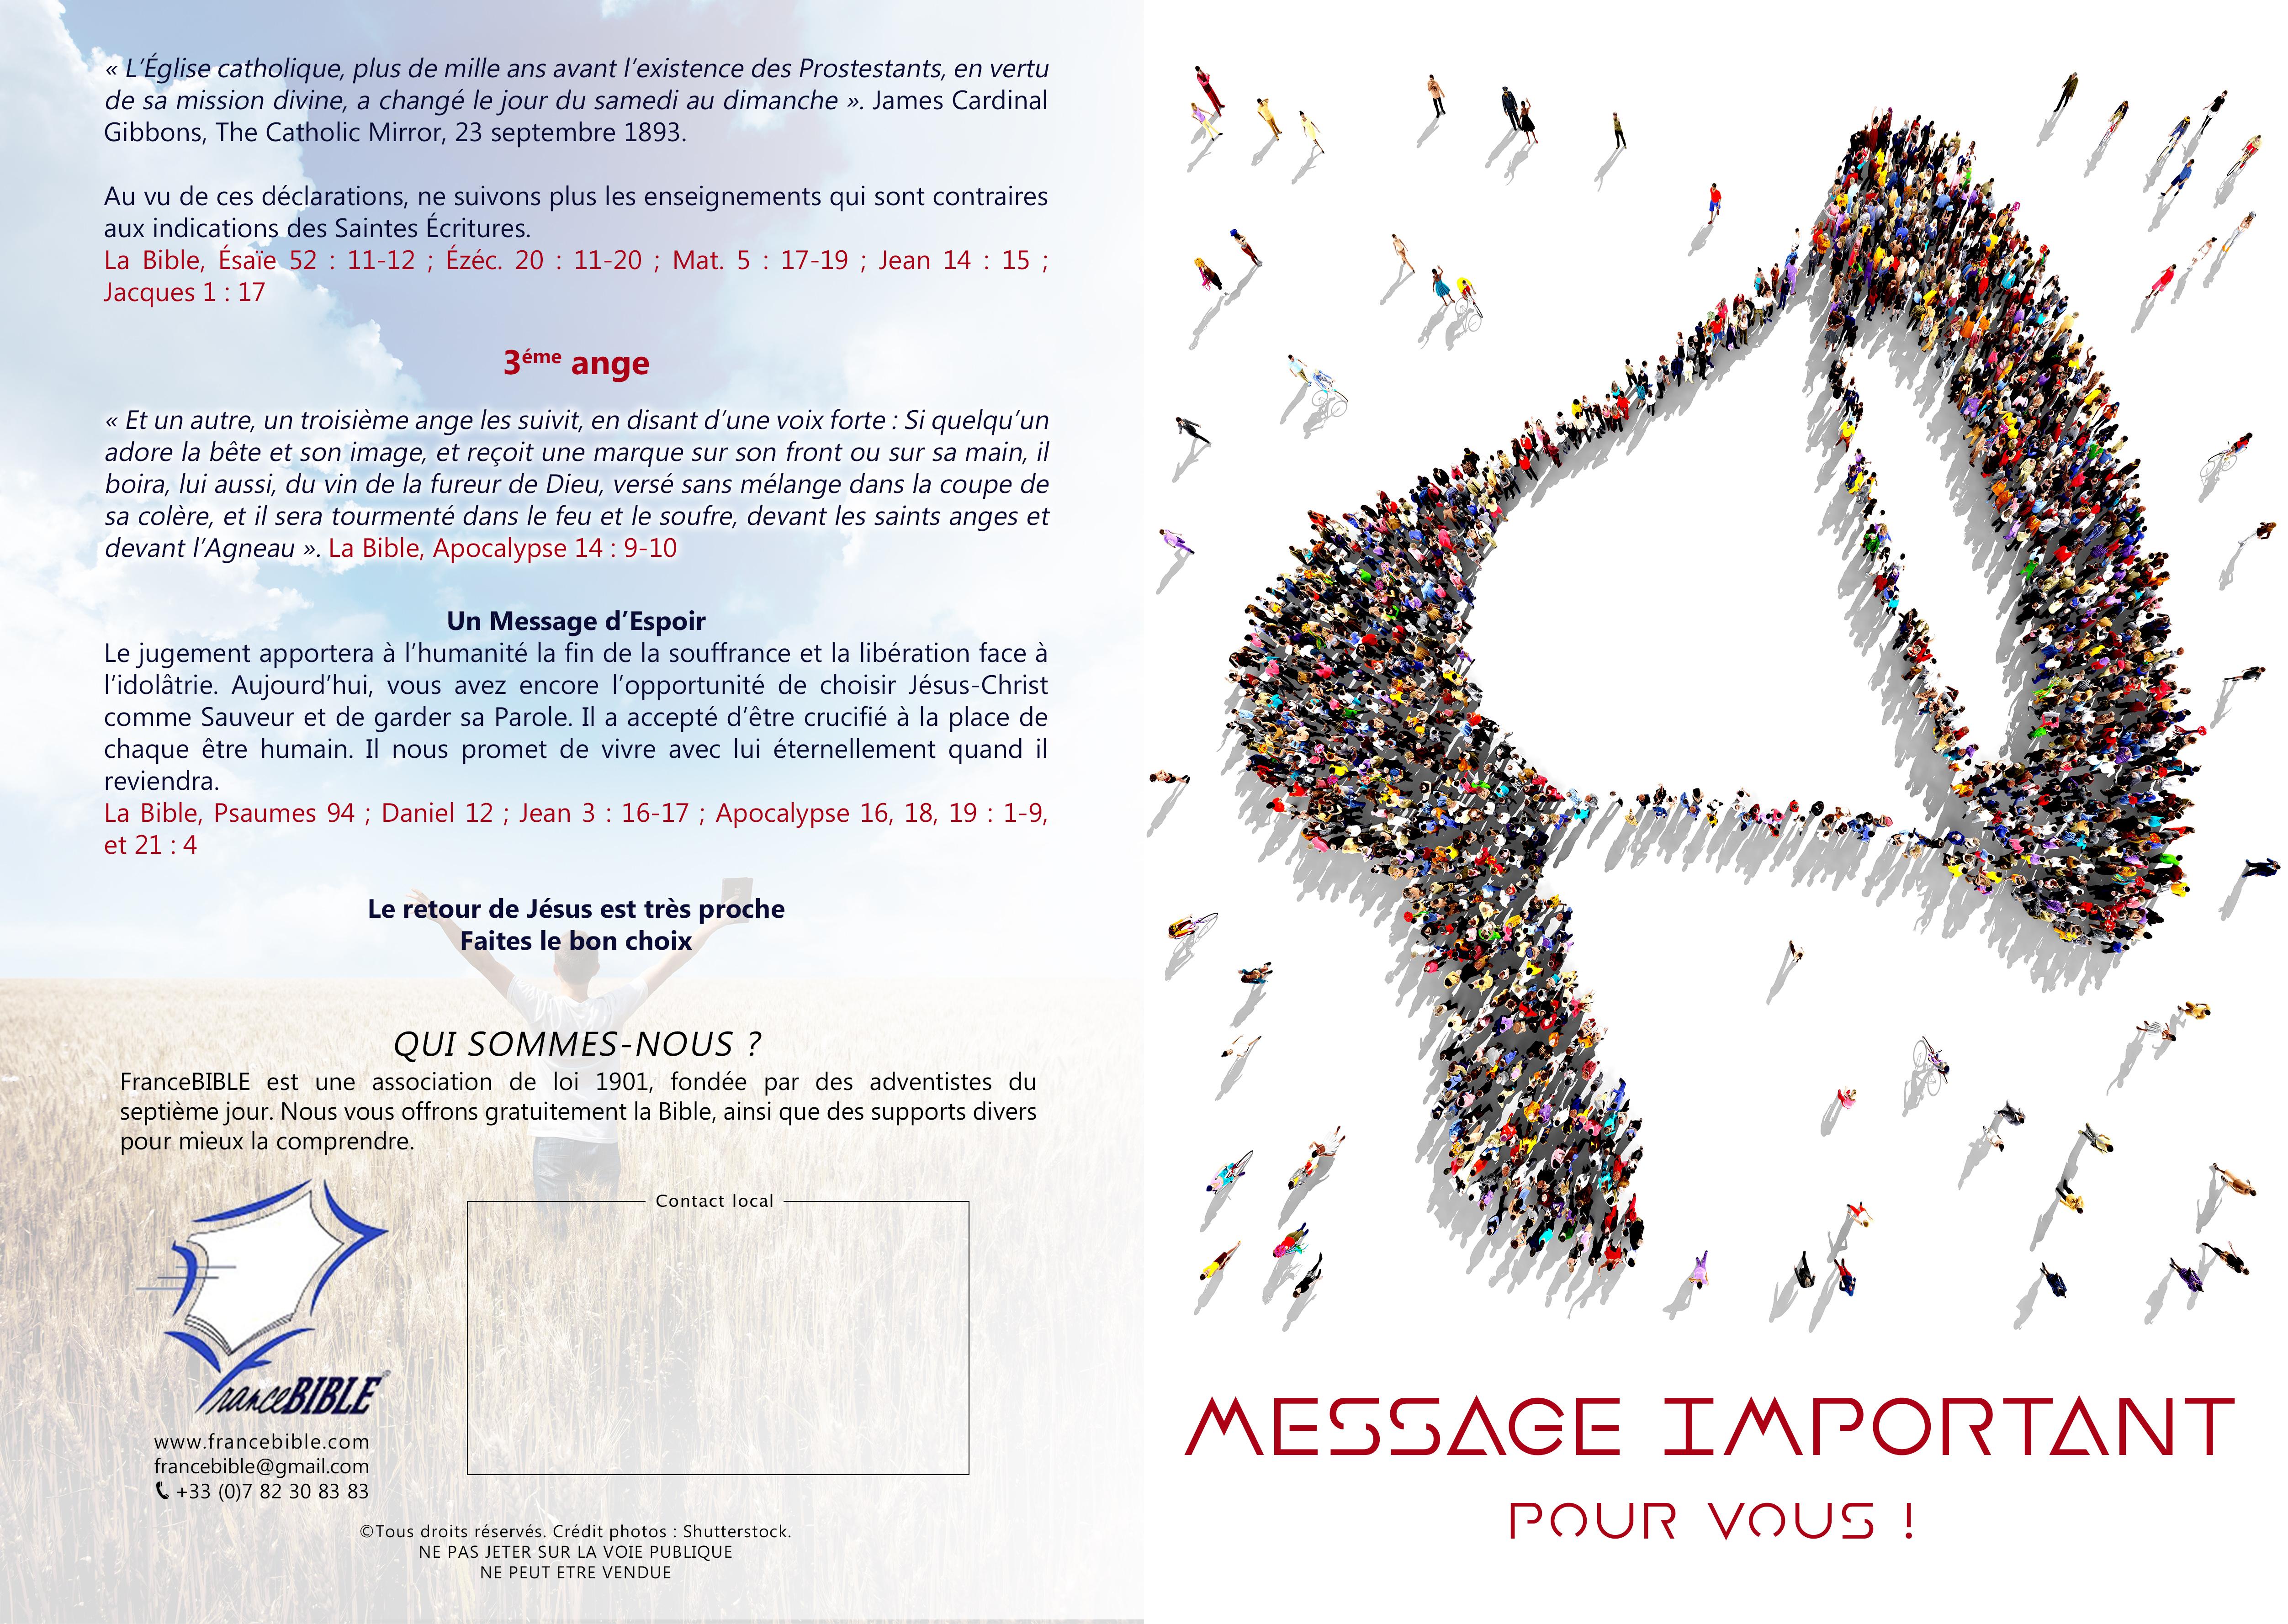 Dépliant_Message_important_pour_vous_1.2_-FranceBIBLE-_©Copyright.